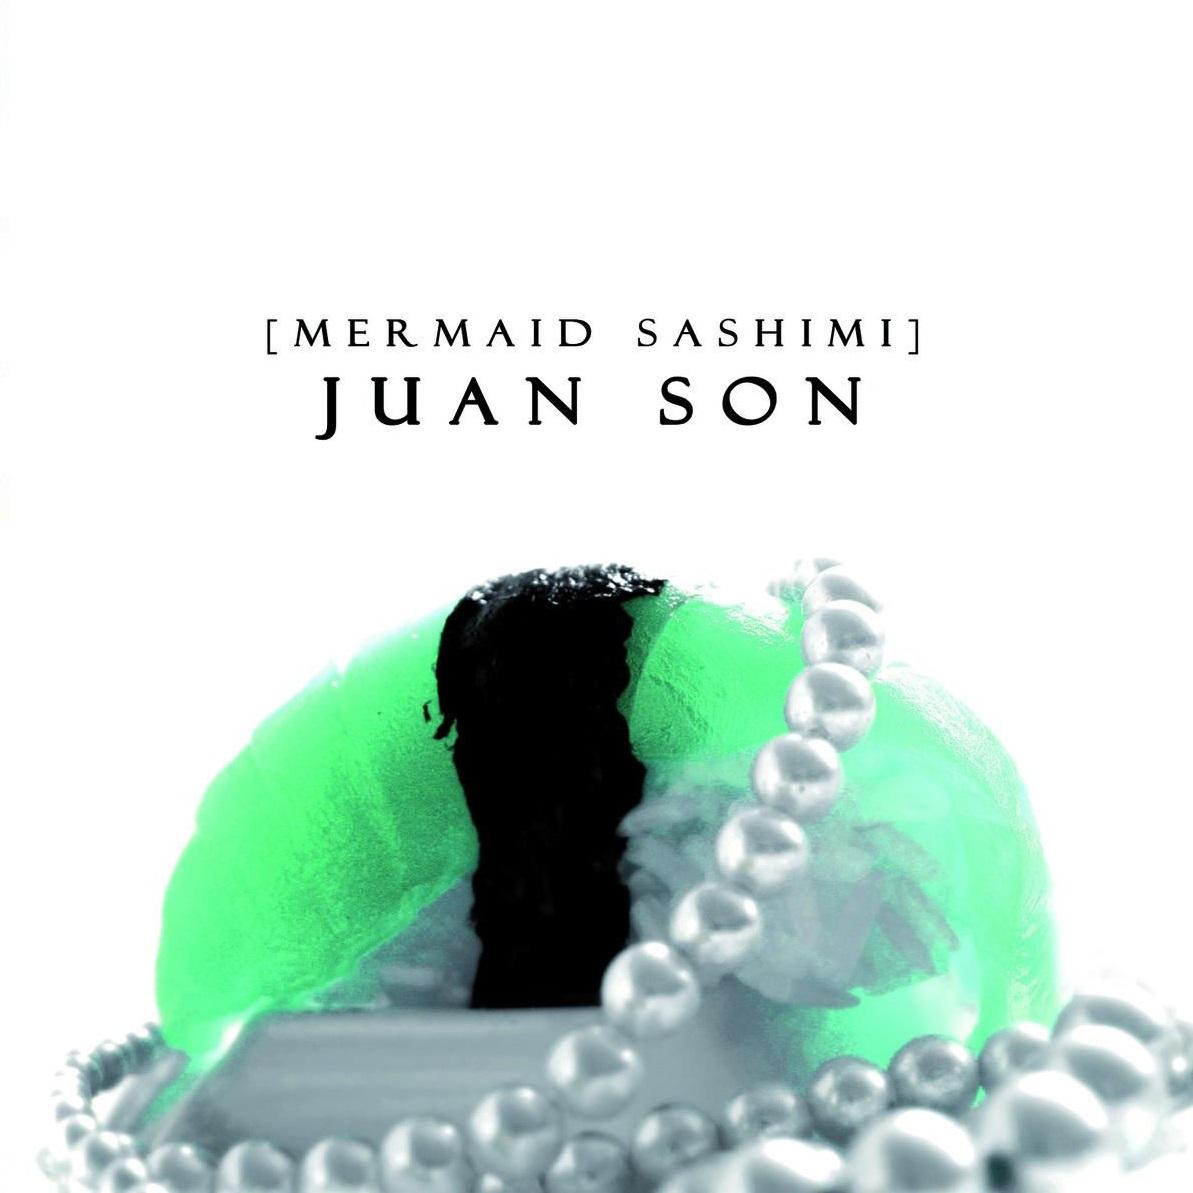 disco de juan son mermaid sashimi